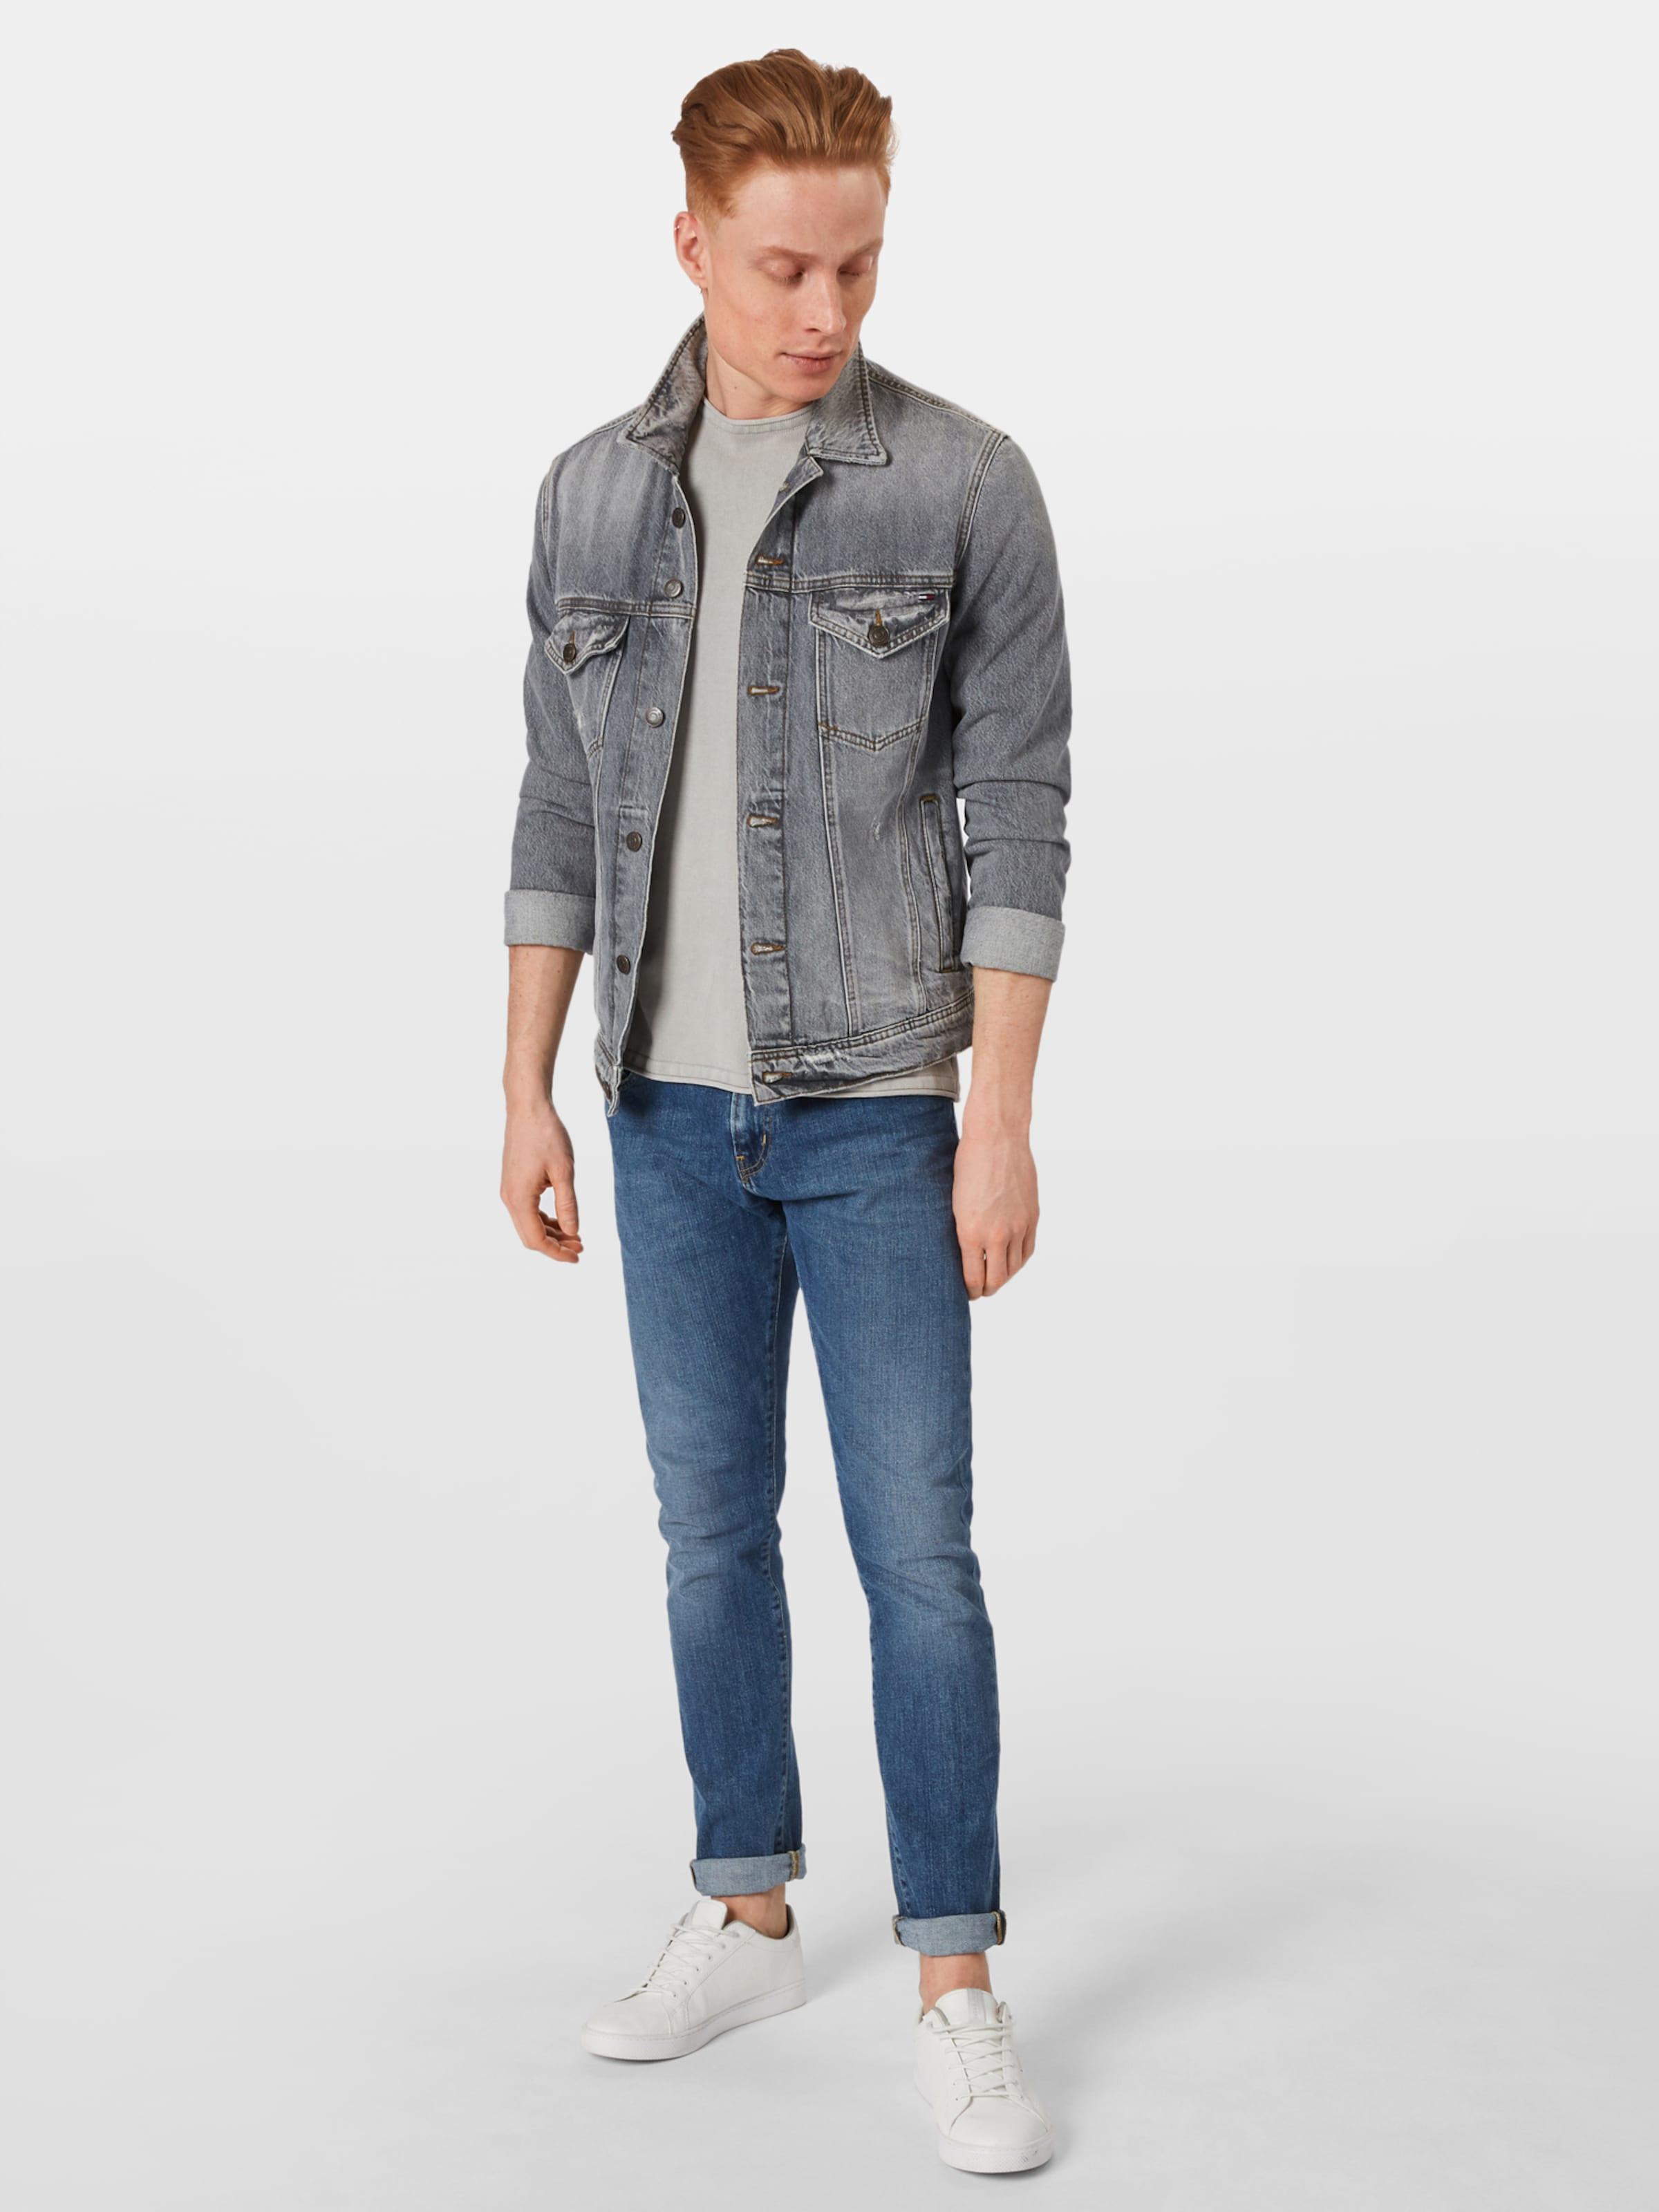 Jeans In Hellgrau 'geffrye' Pullover Indicode vg7Ybf6y